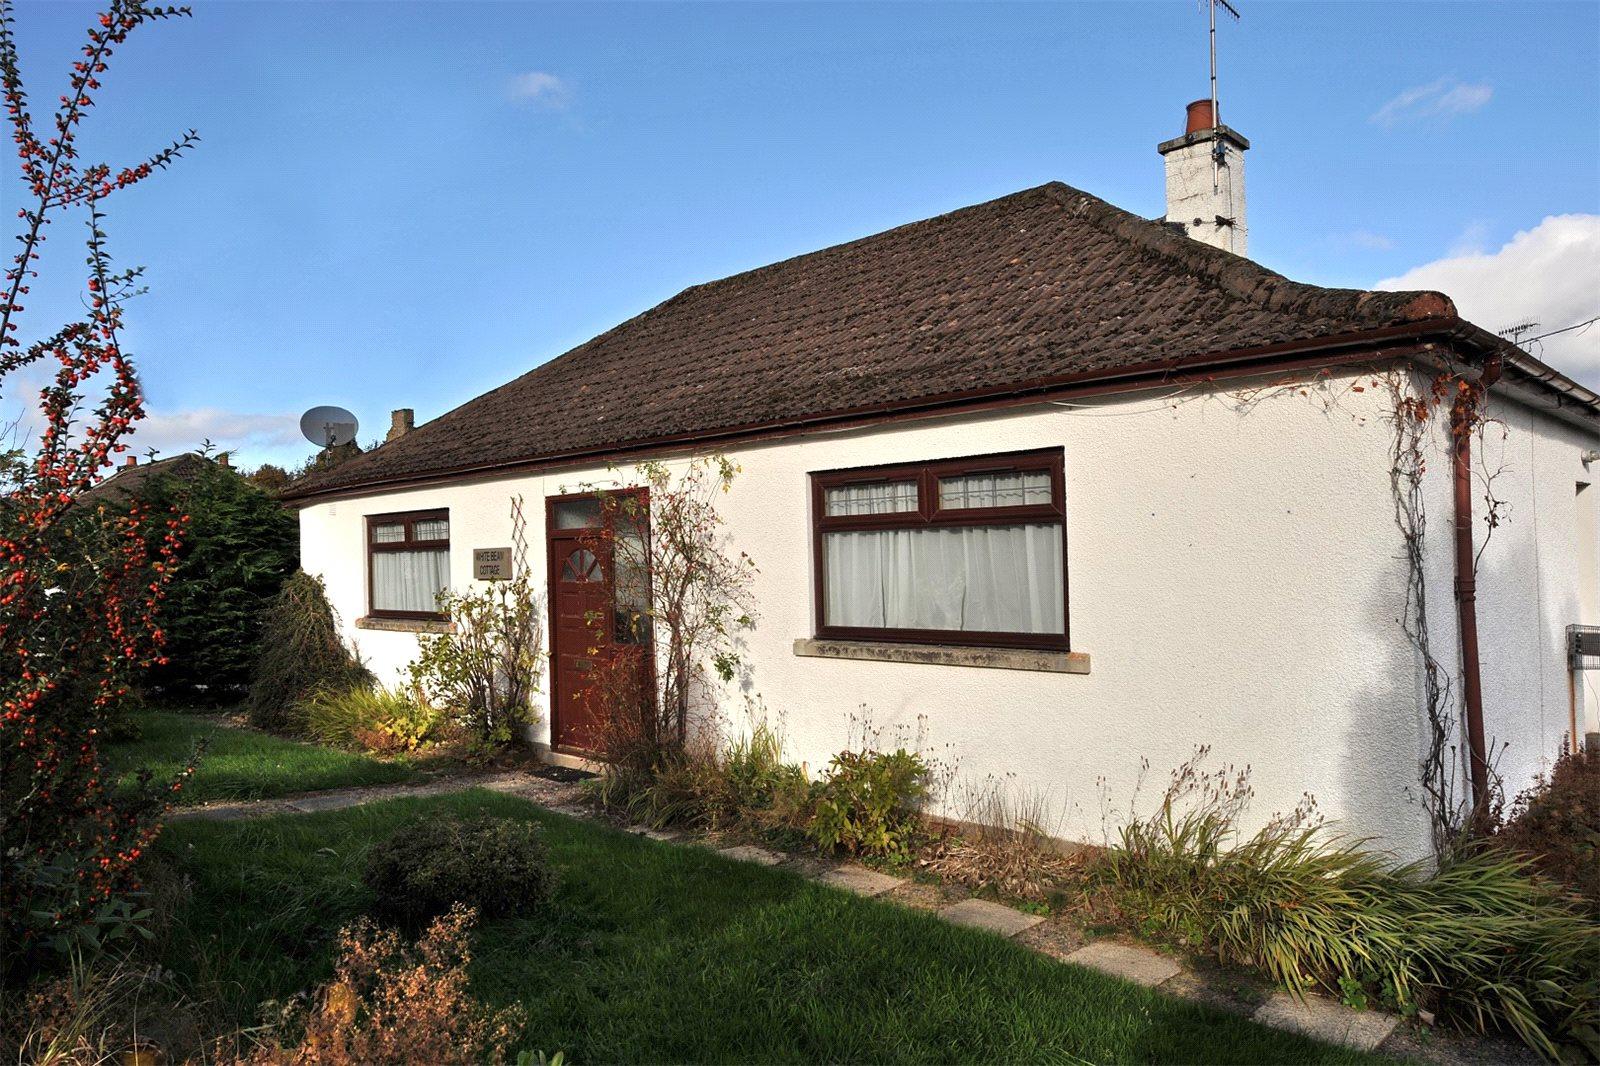 3 Bedrooms Detached House for sale in Whitebeam Cottage, 8 Lower Castleton, Glenlivet, Ballindalloch, Moray, AB37